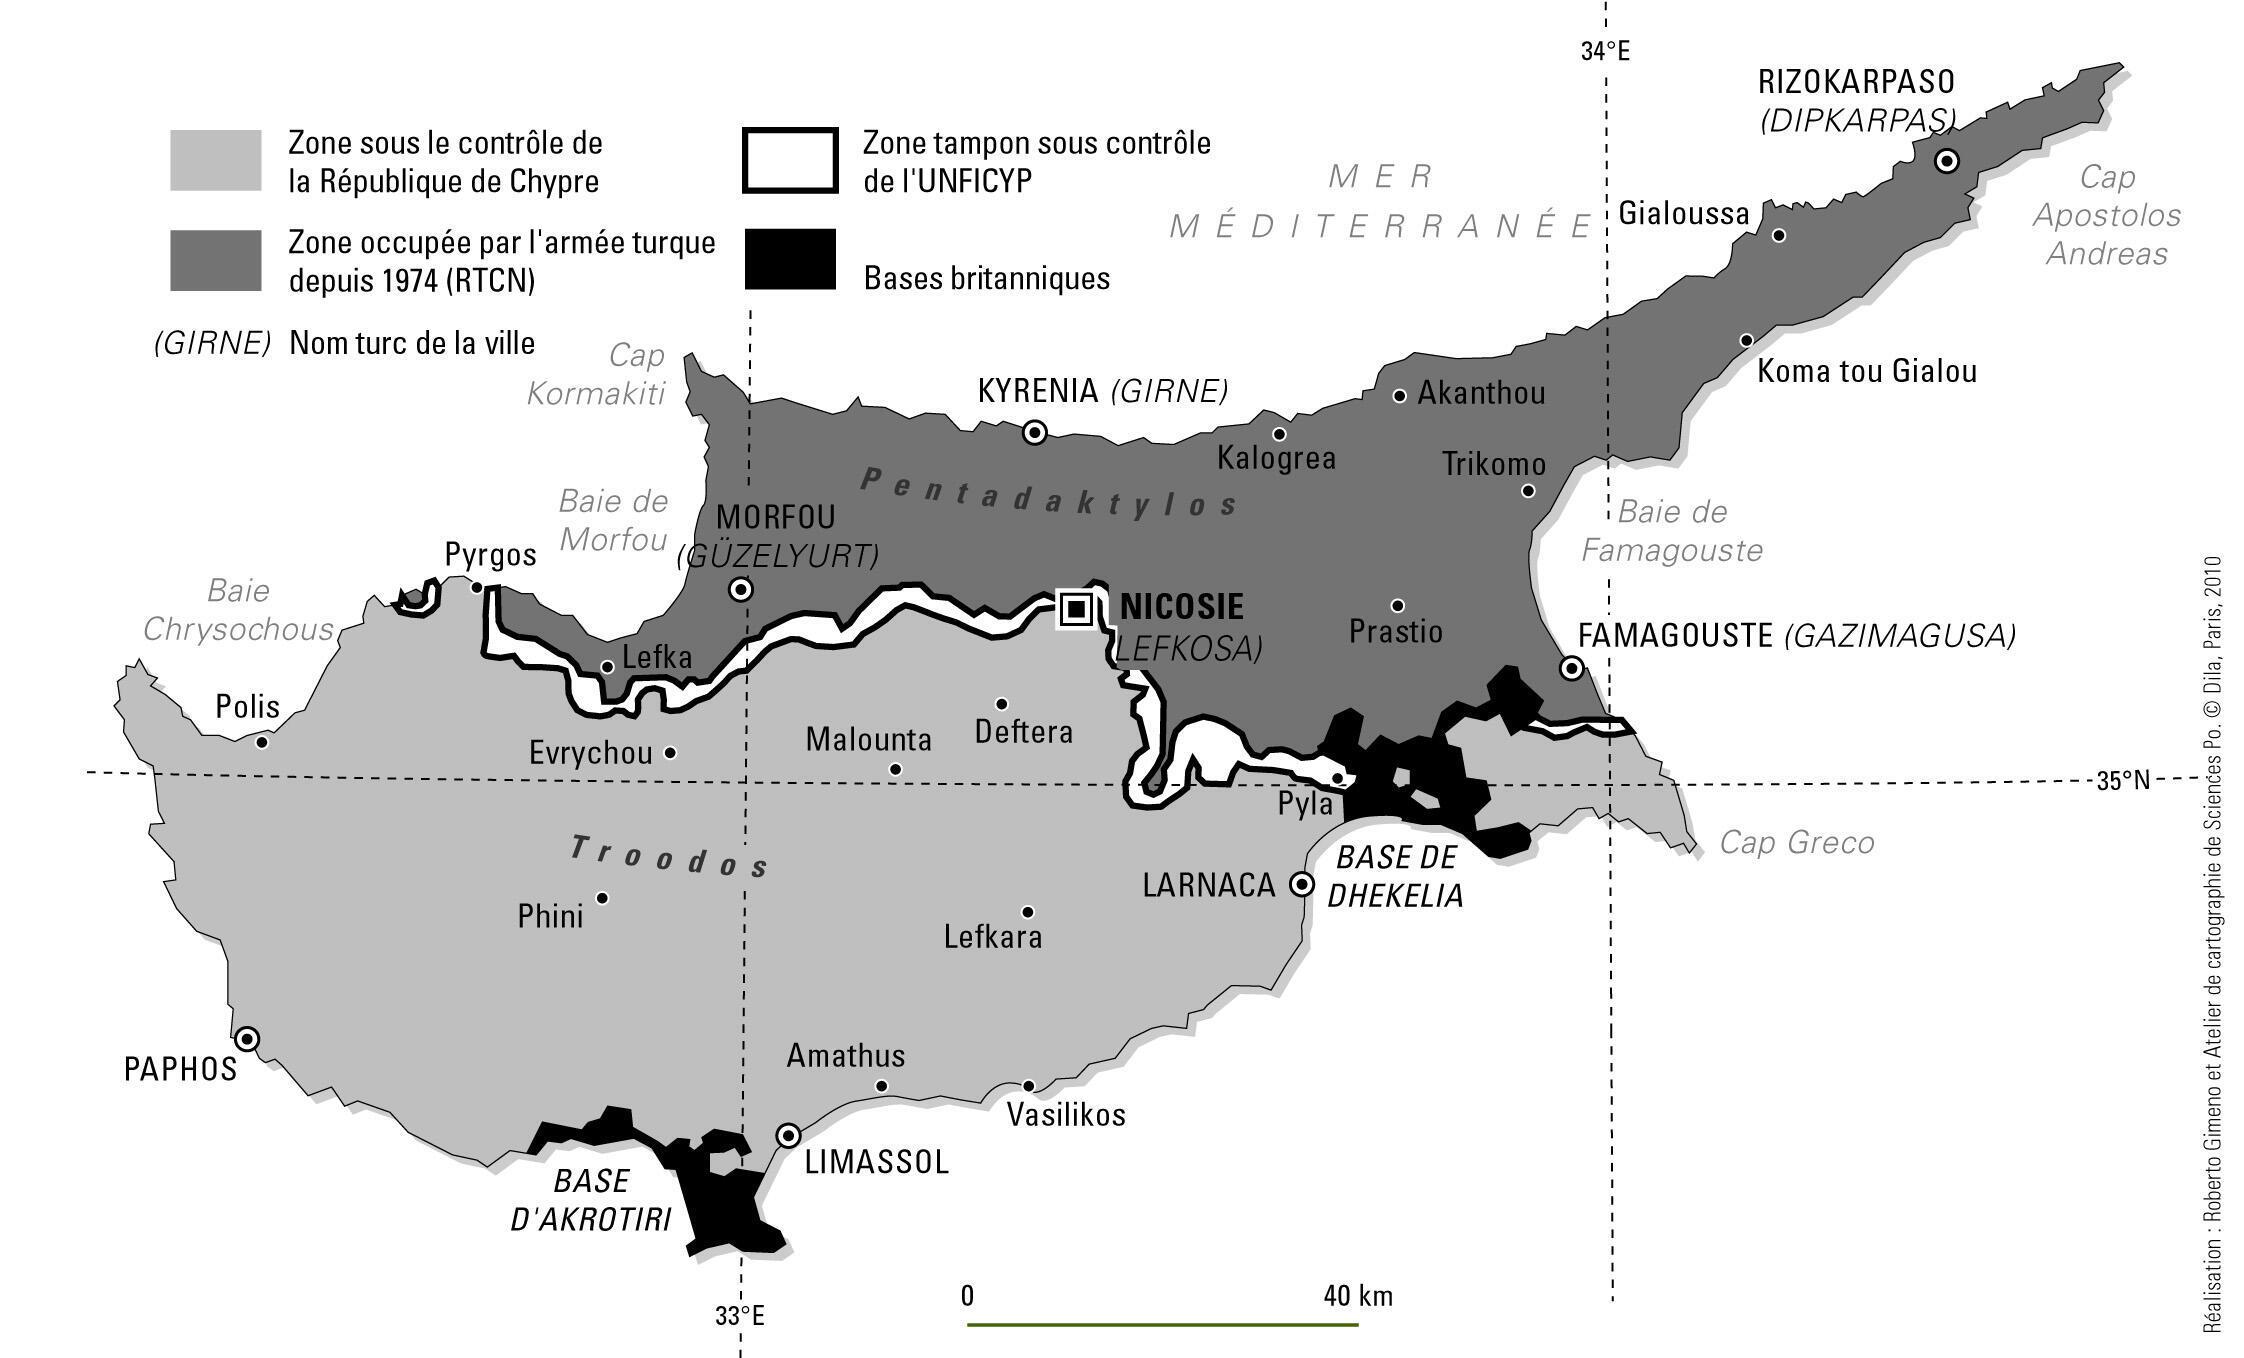 نقشه تقسیم قبرس